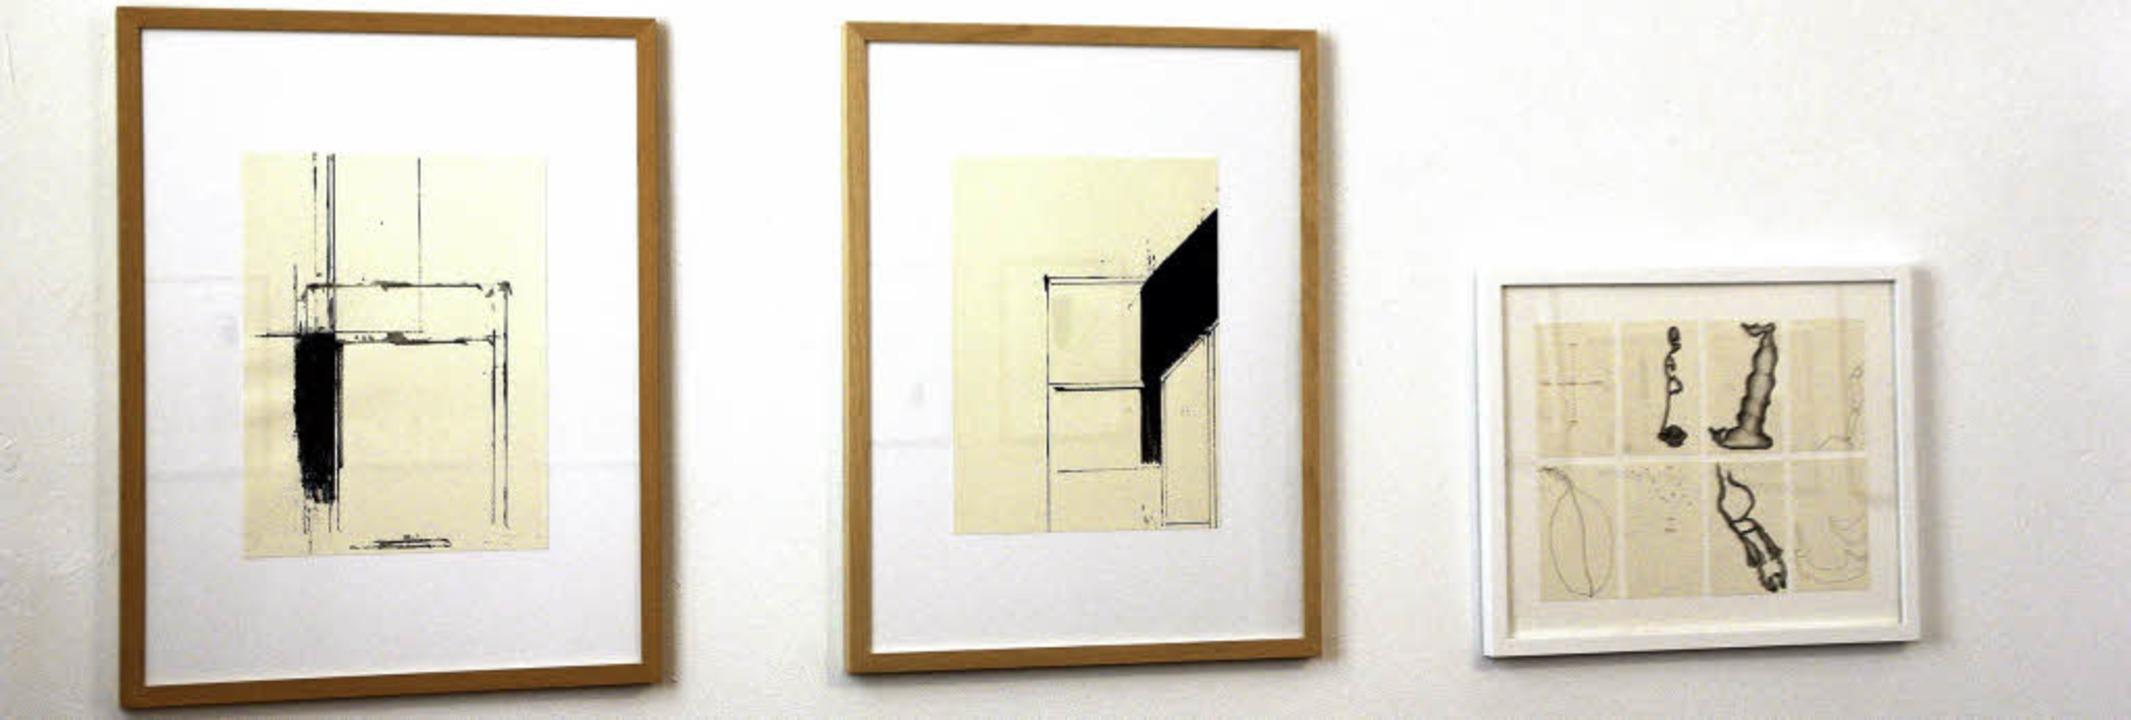 Zwei Zeichnungen Rainer Thomas' ...n Werk Ulrike Kirbachs (weißer Rahmen)  | Foto: Erika Sieberts